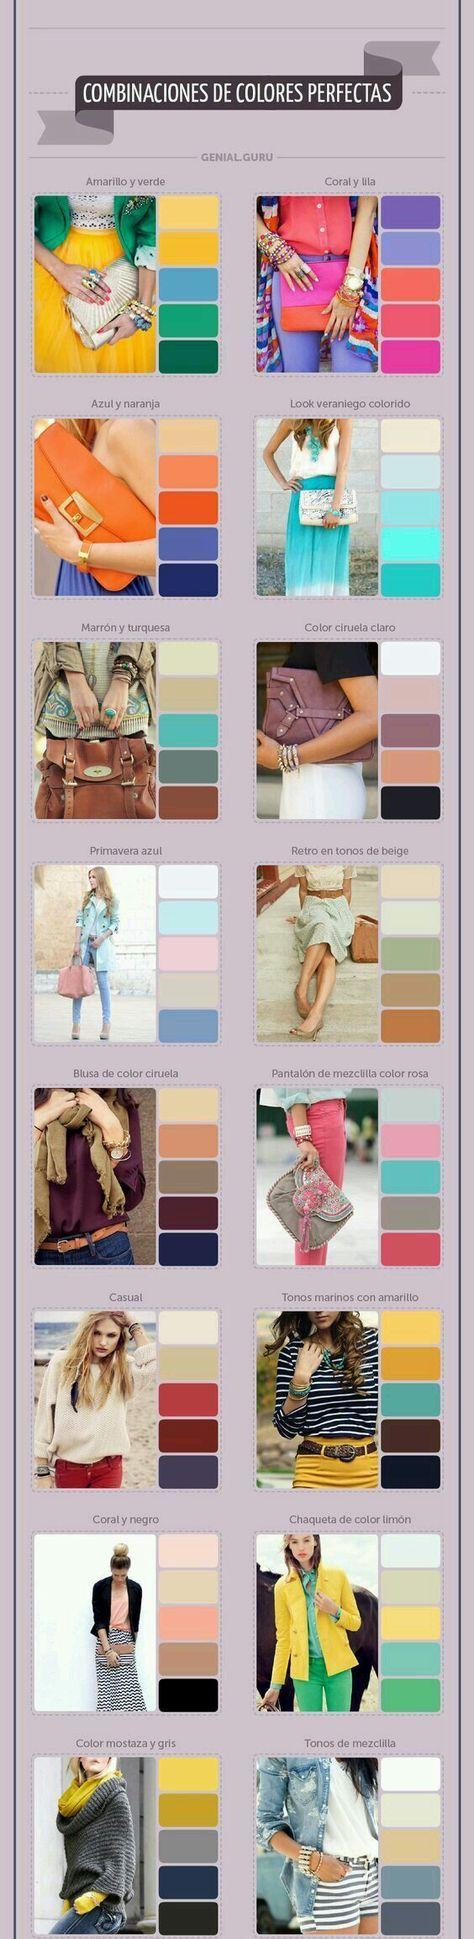 associer les couleurs ensemble